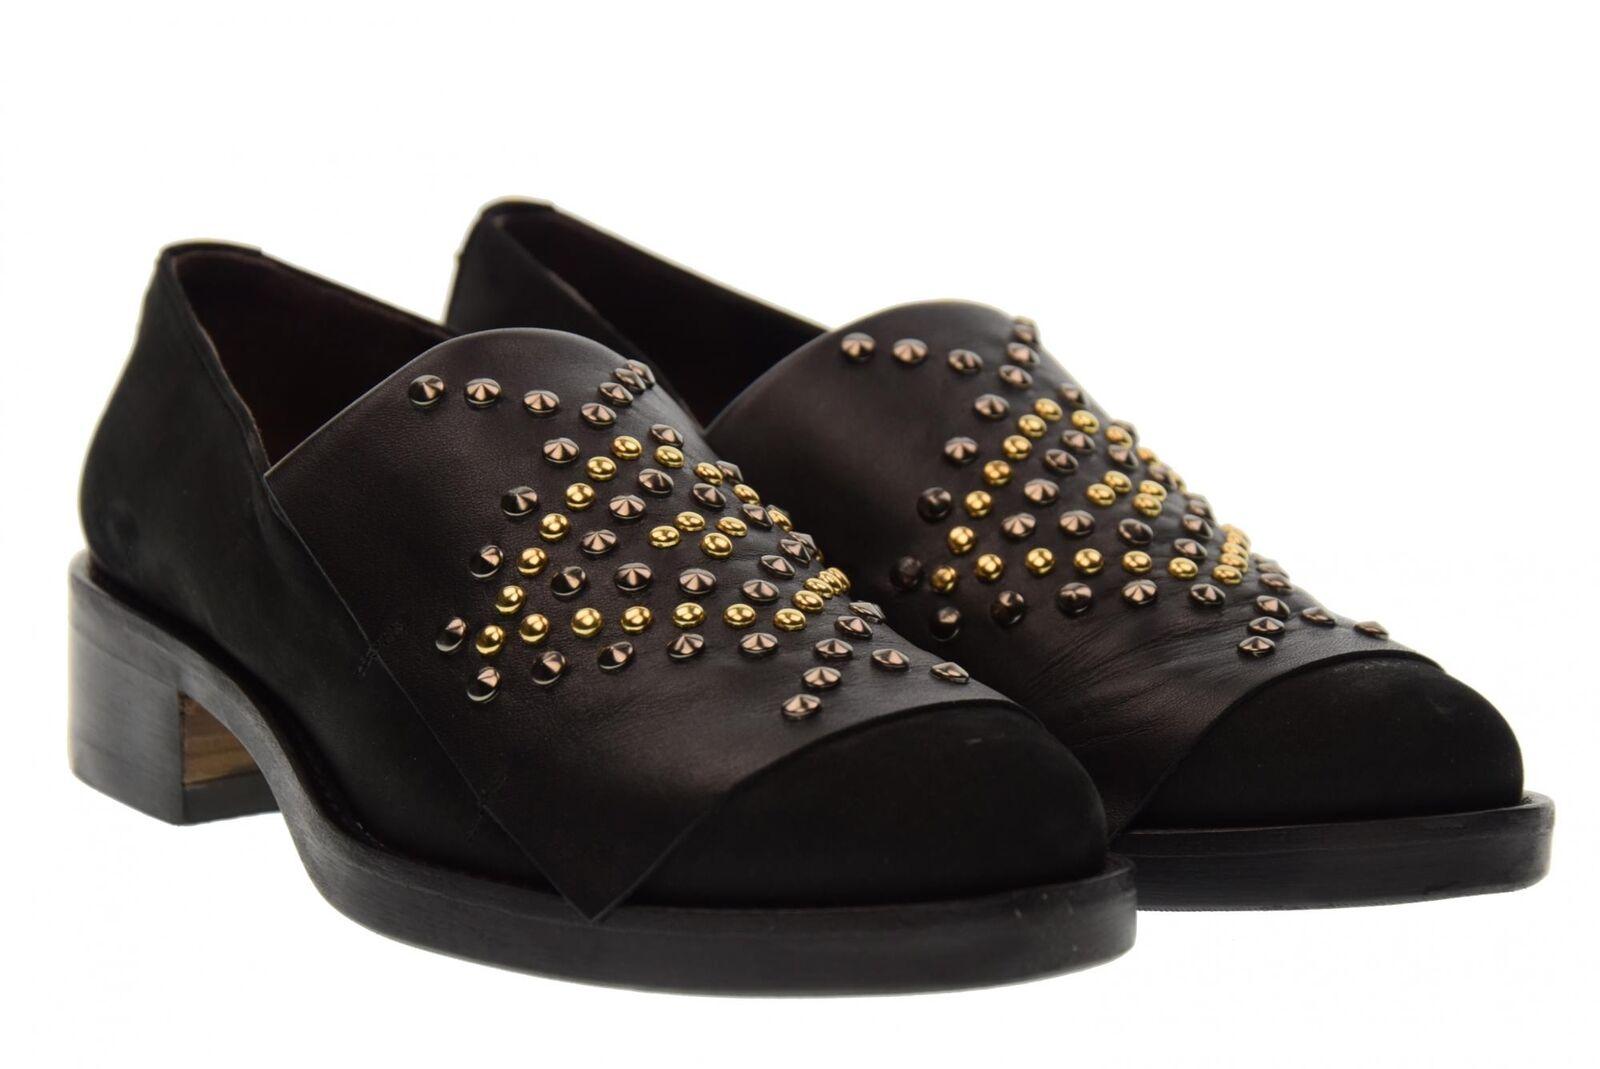 Gio Cellini scarpe donna mocassini U211 NERO A17